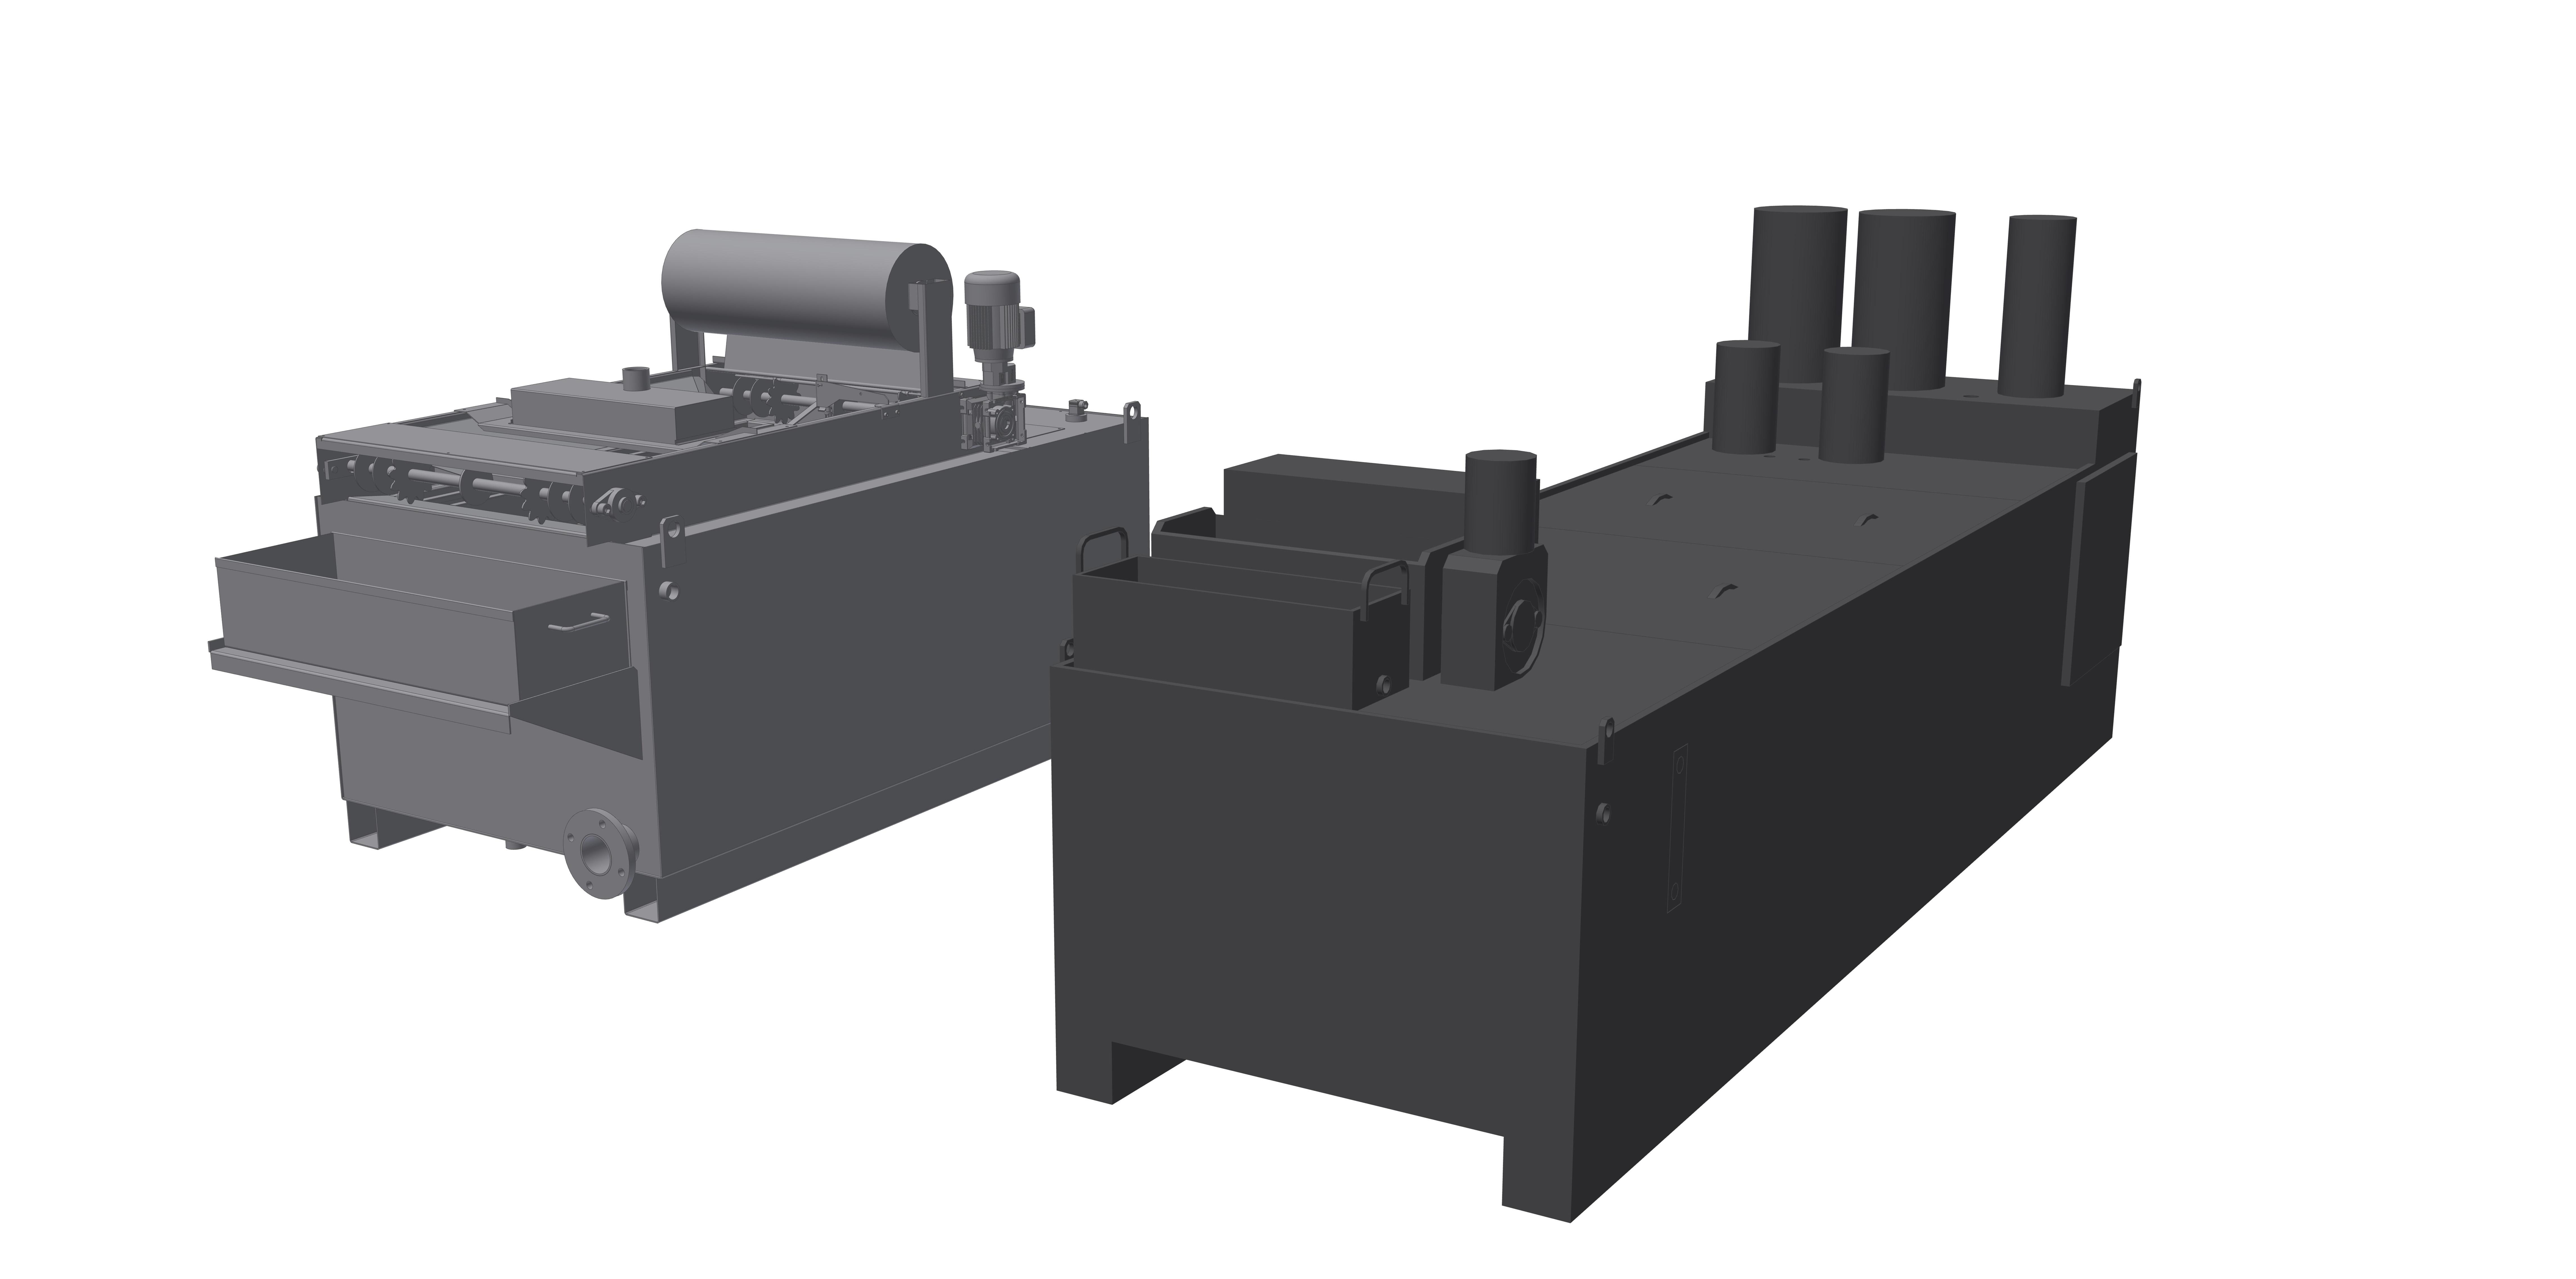 Werkzeugkühlung - Image